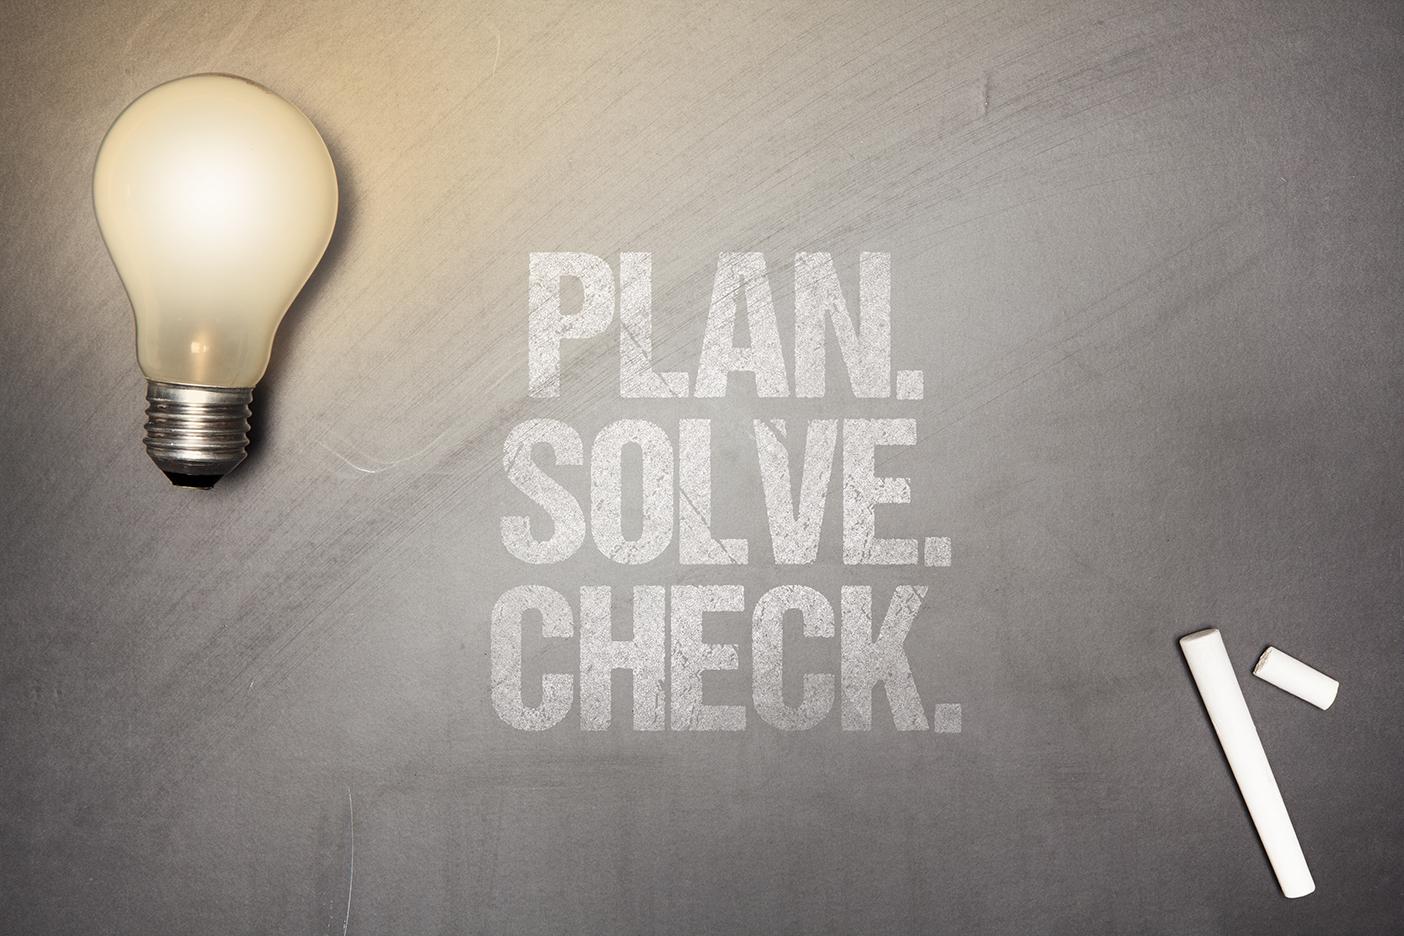 Revisionssicherheit nicht nur durch Software erreichbar